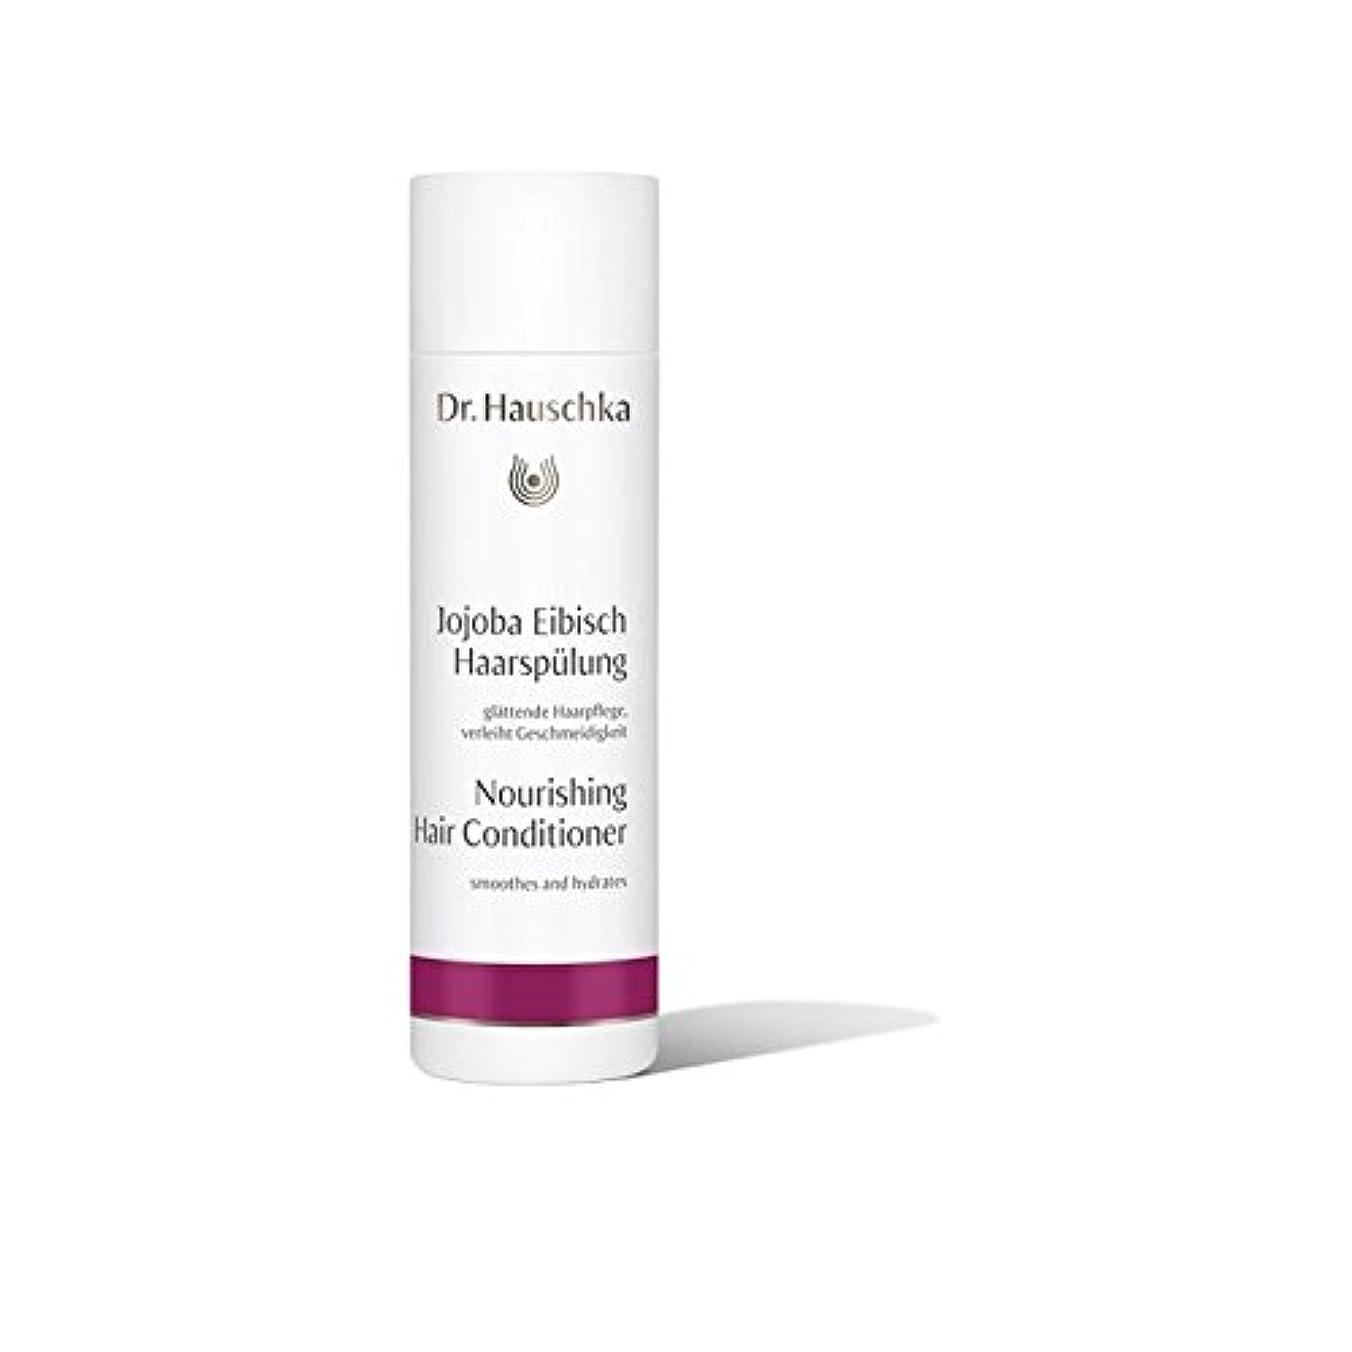 走る率直な統治するDr. Hauschka Nourishing Hair Conditioner (200ml) (Pack of 6) - ハウシュカ栄養ヘアコンディショナー(200ミリリットル) x6 [並行輸入品]